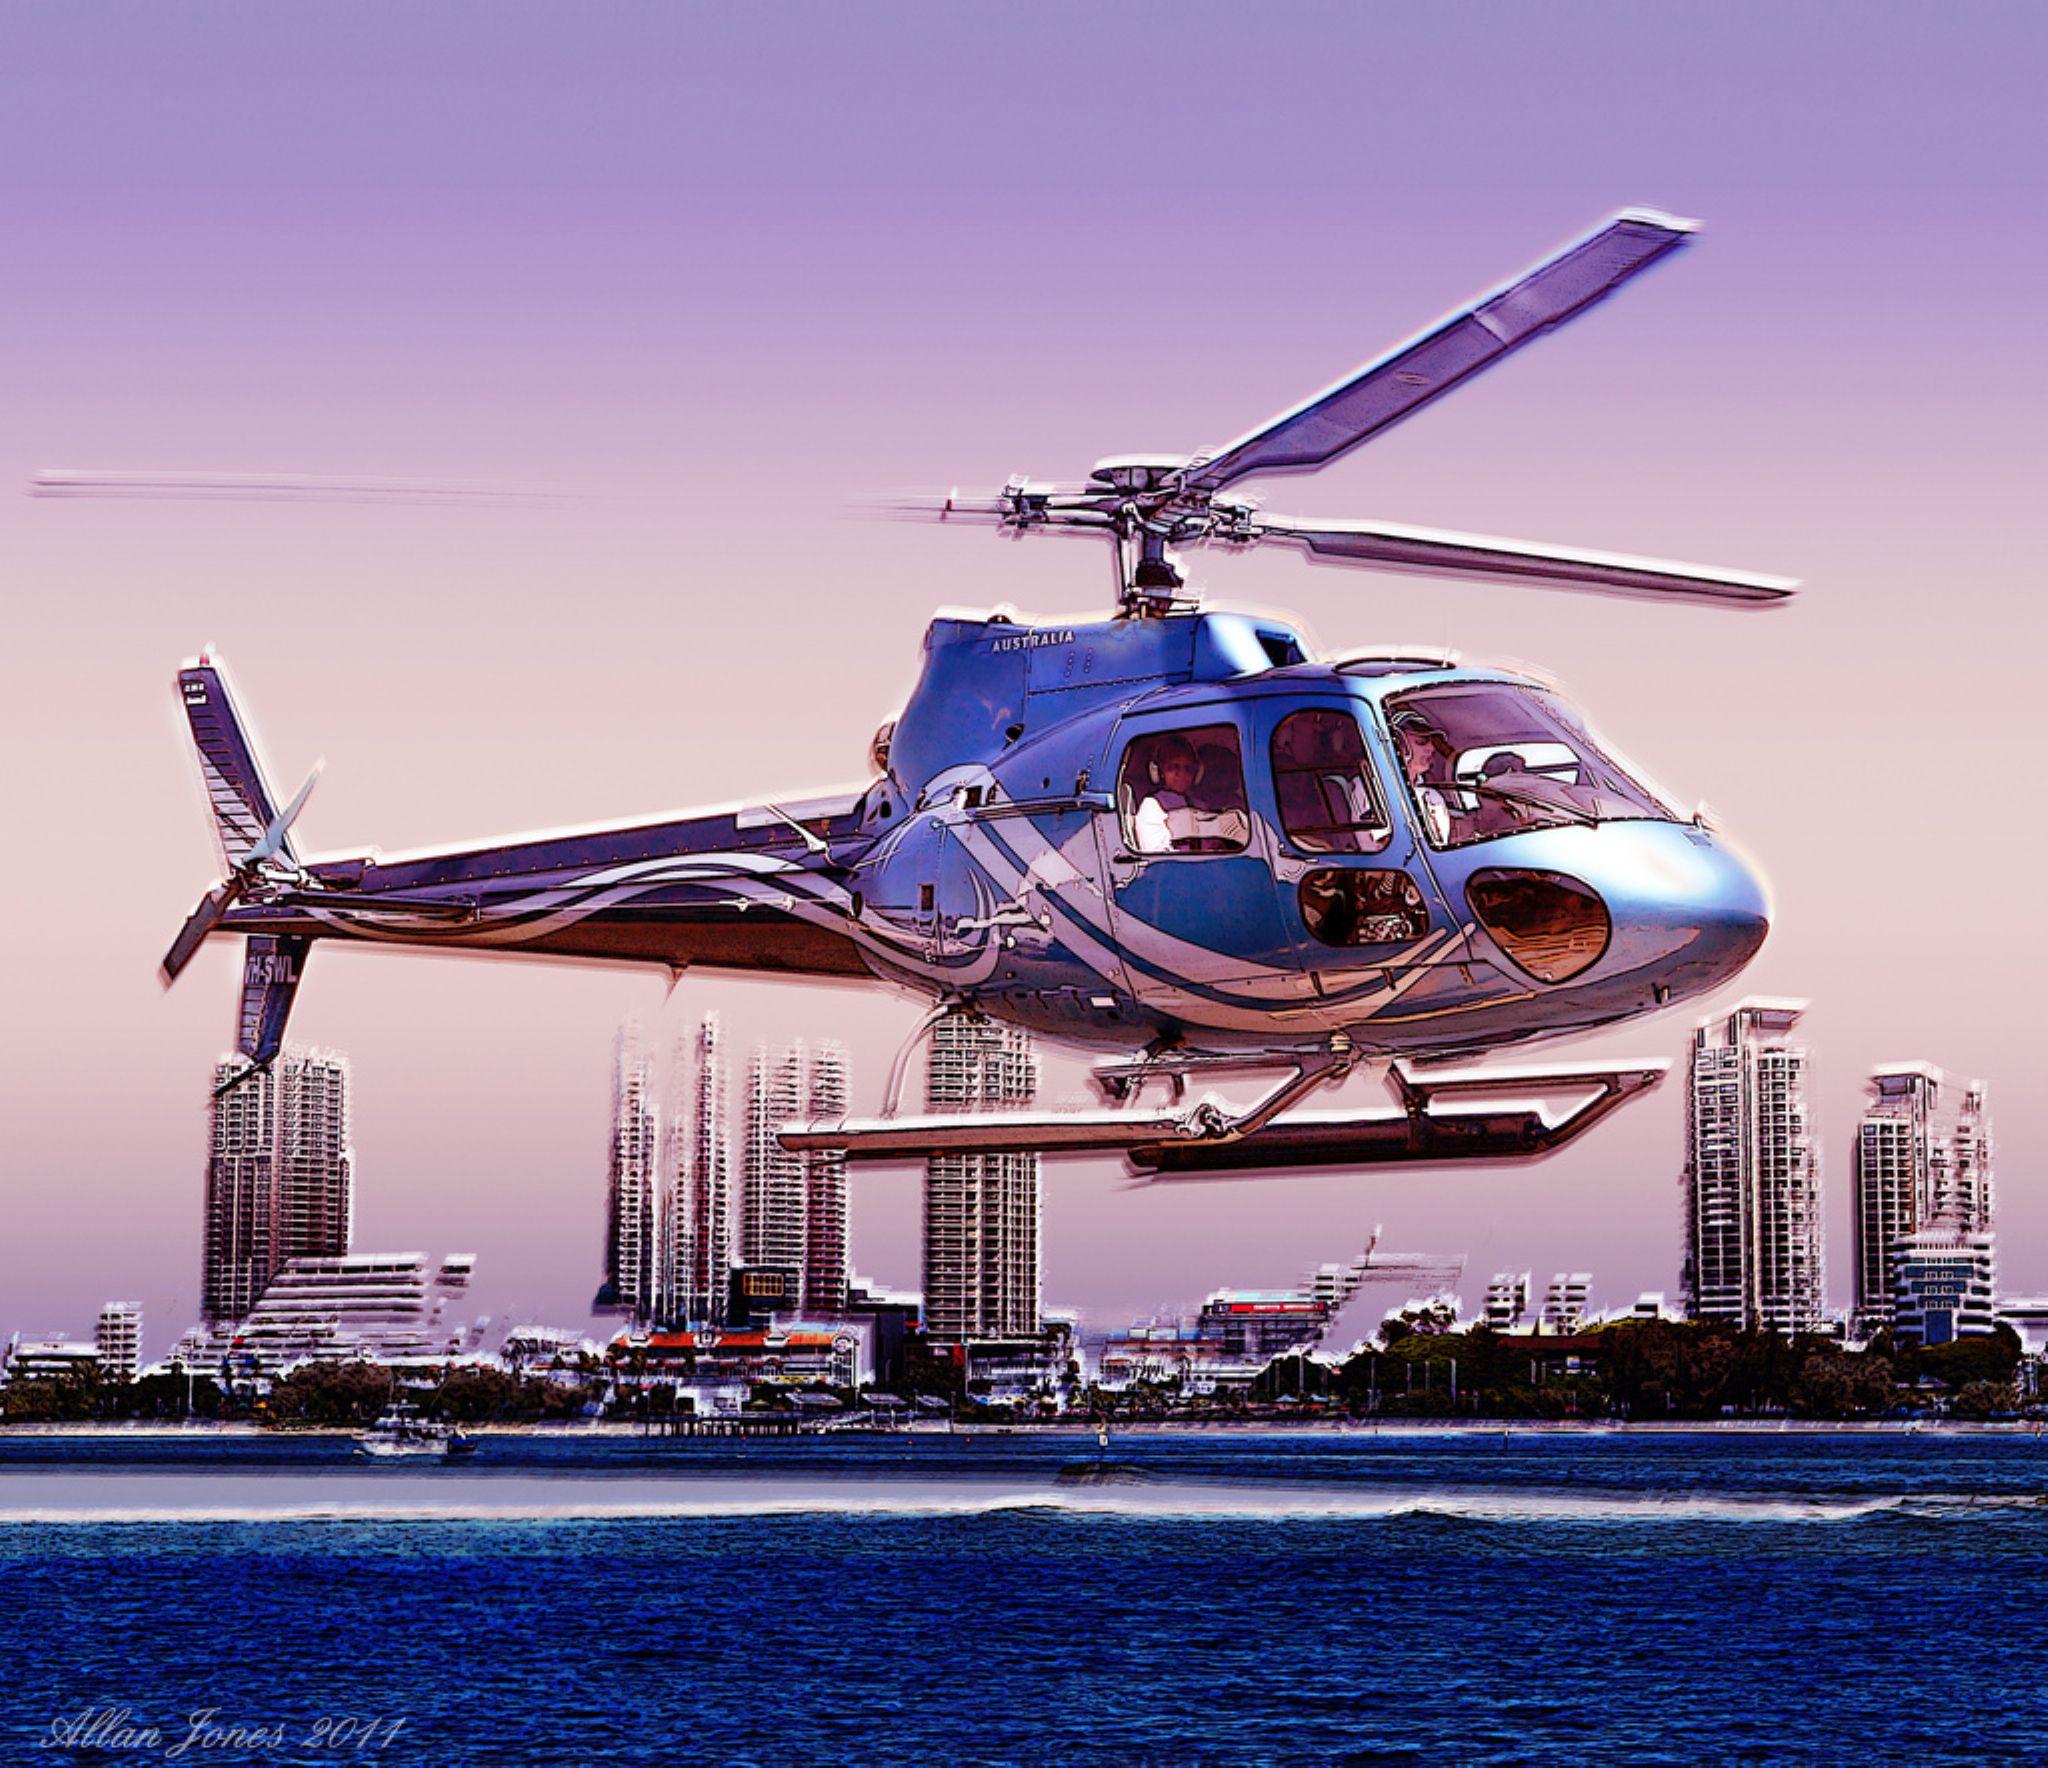 Chopper Art : by allan jones by allan jones (modelUstudios)